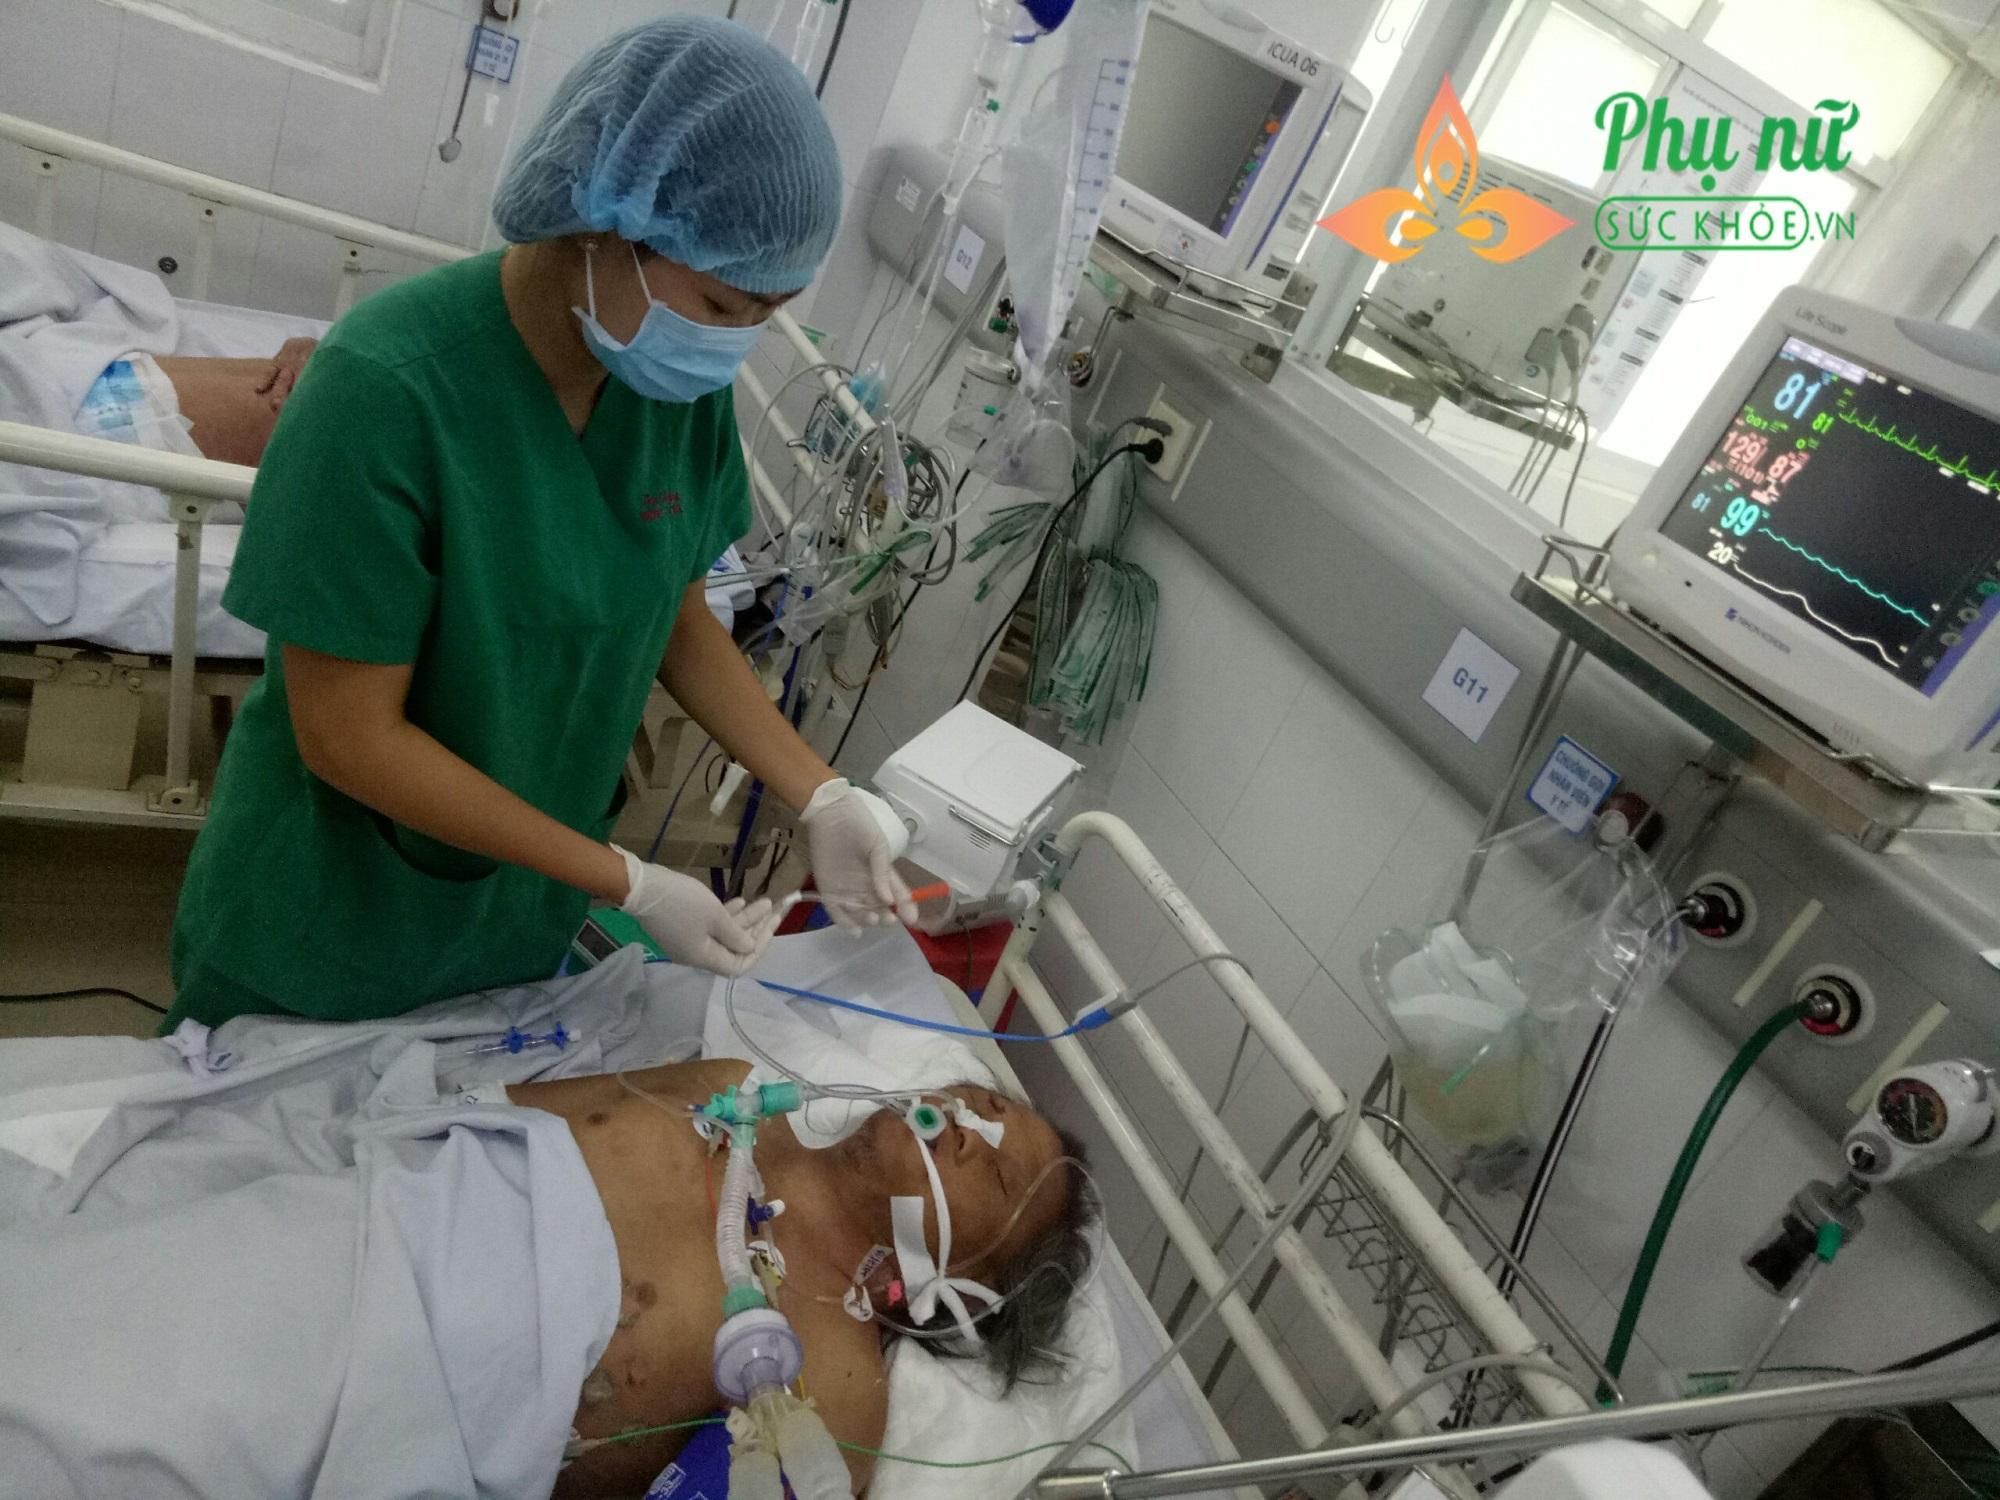 Bệnh viện quận Thủ Đức tìm người thân cho người đàn ông mù bị tai nạn giao thông, tính mạng nguy kịch - Ảnh 2